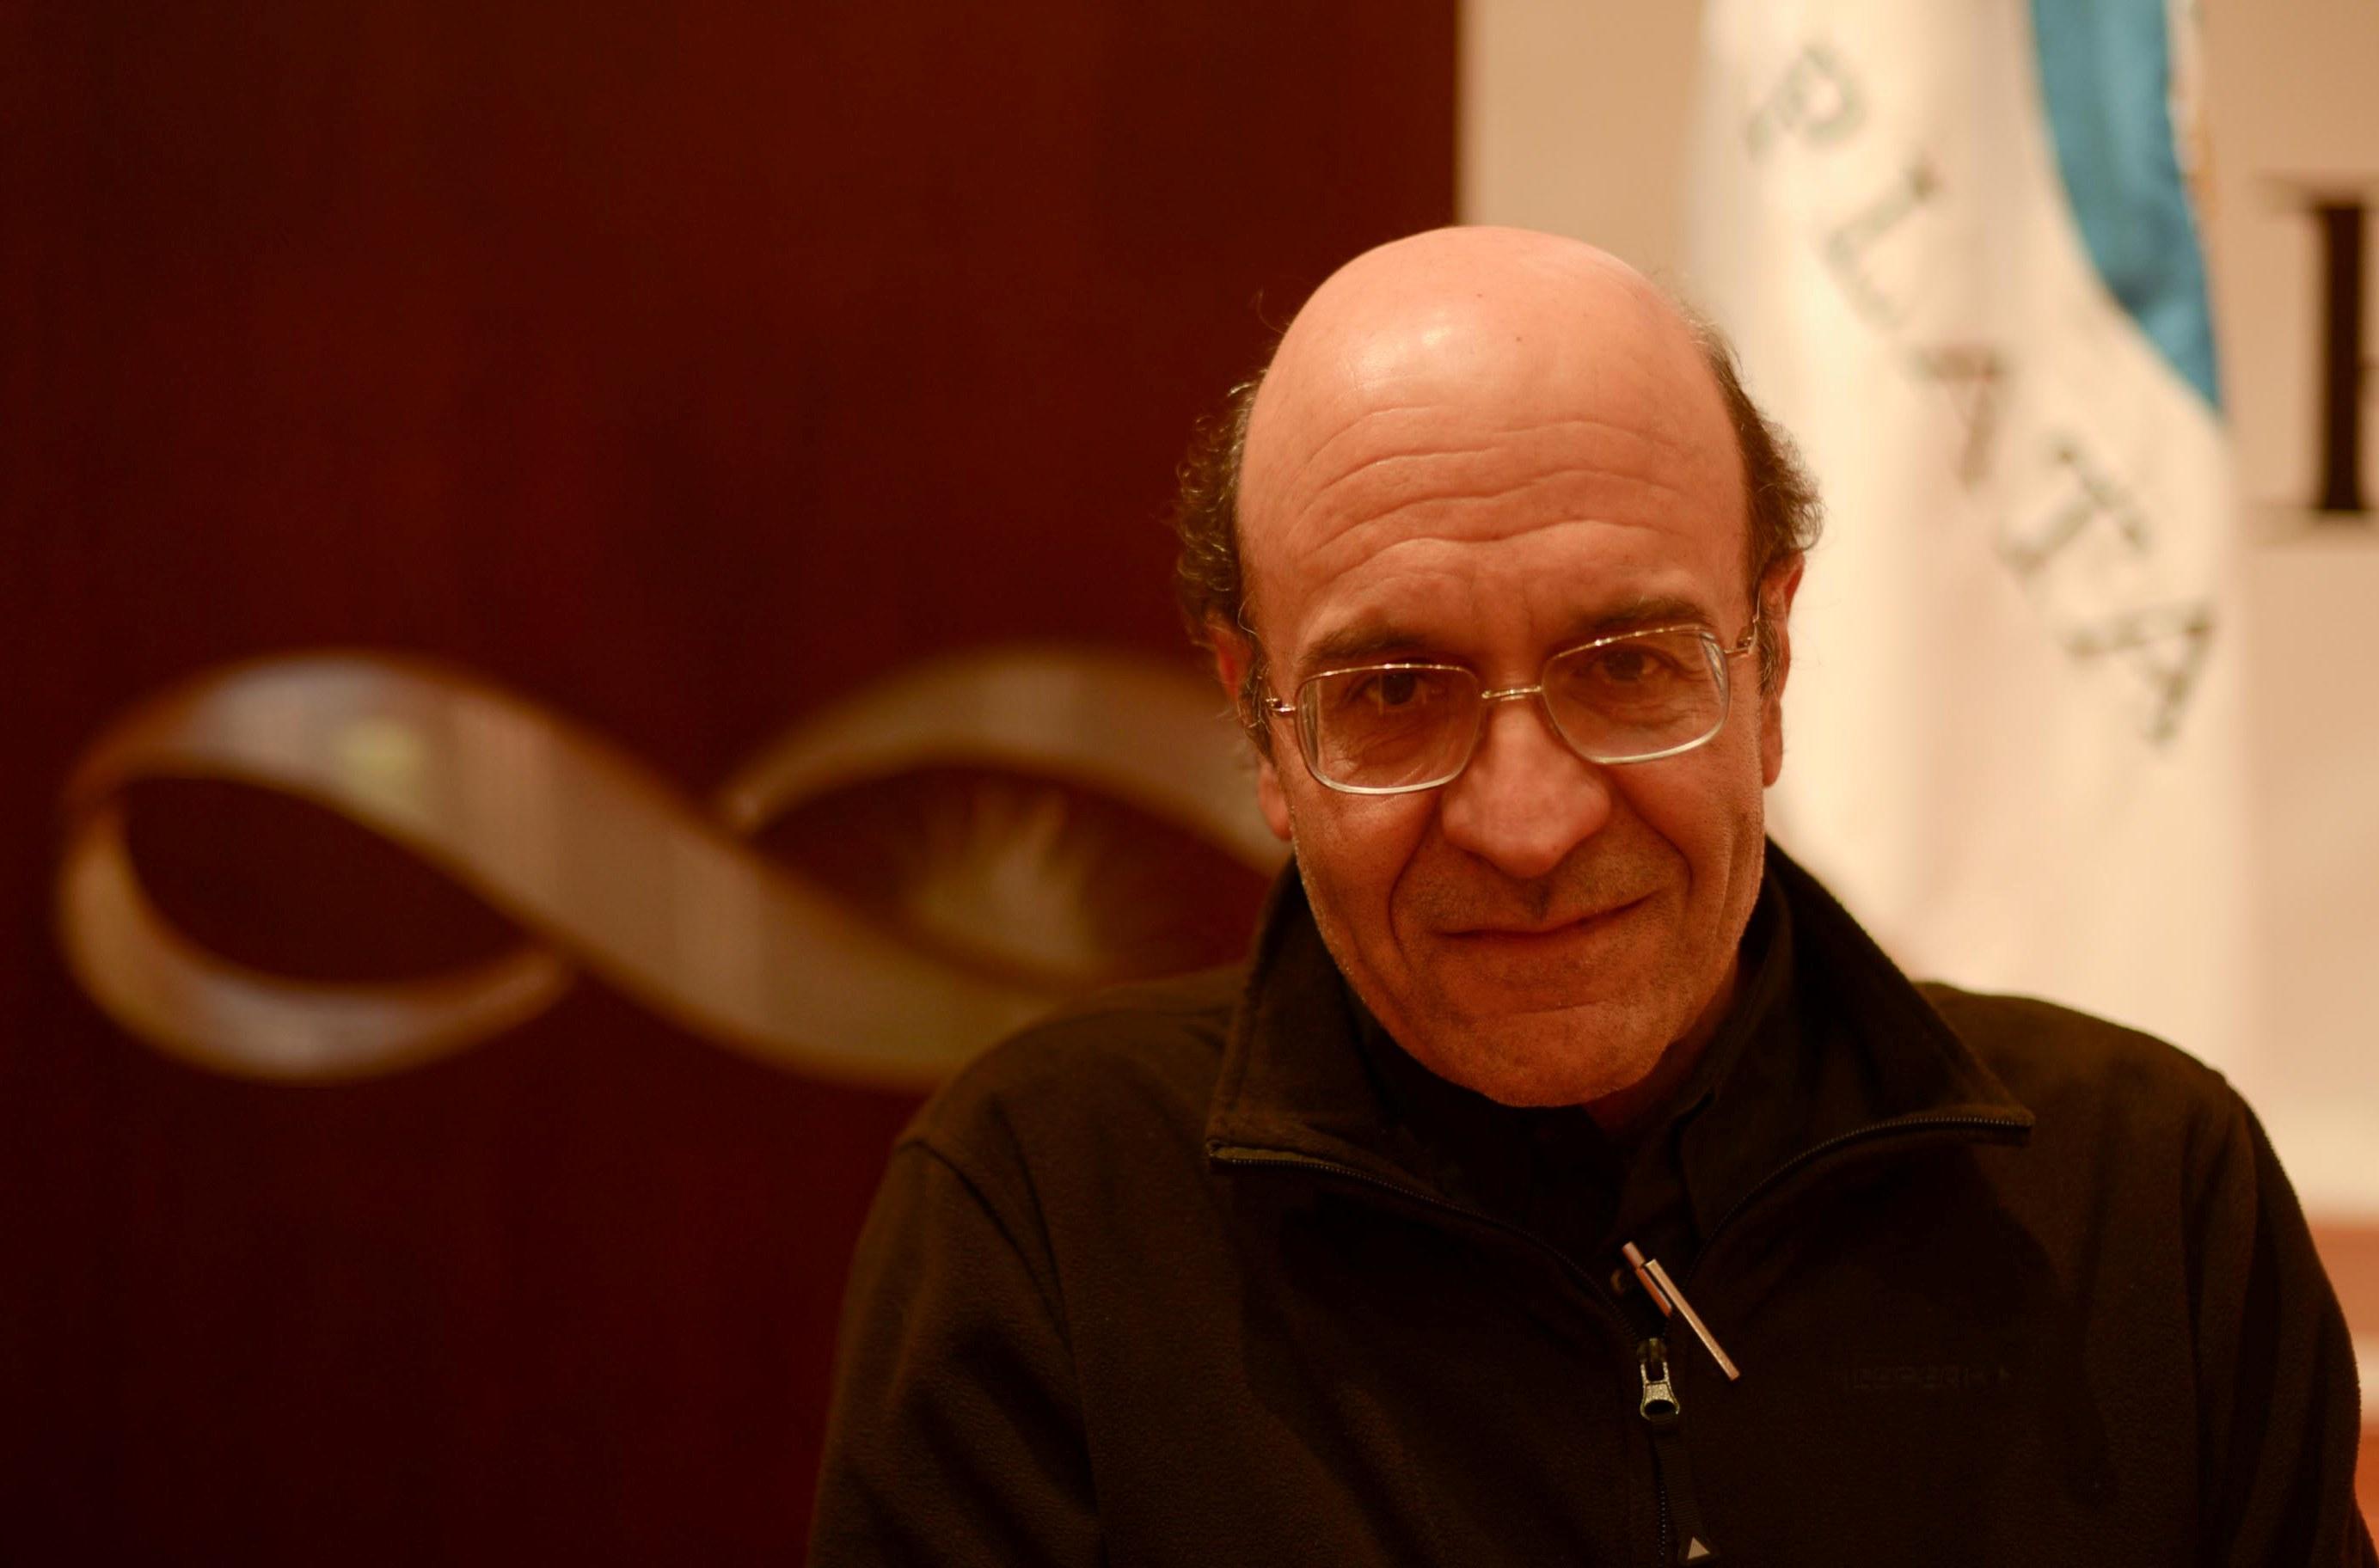 Osvaldo Civitarese